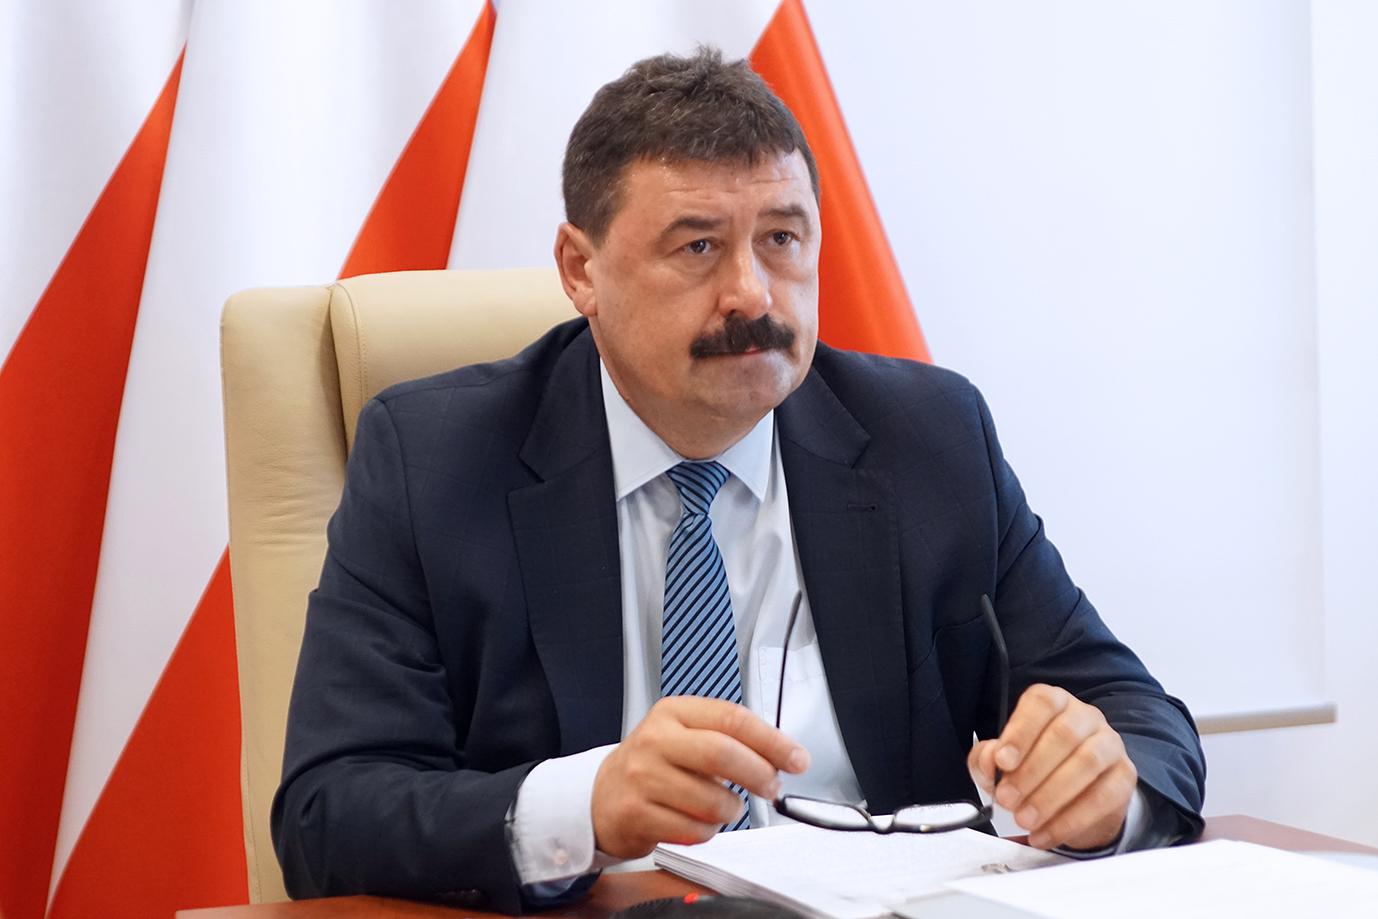 Sekretarz stanu Ryszard Bartosik podczas posiedzenia Rady Ministrów (fot. MRiRW)